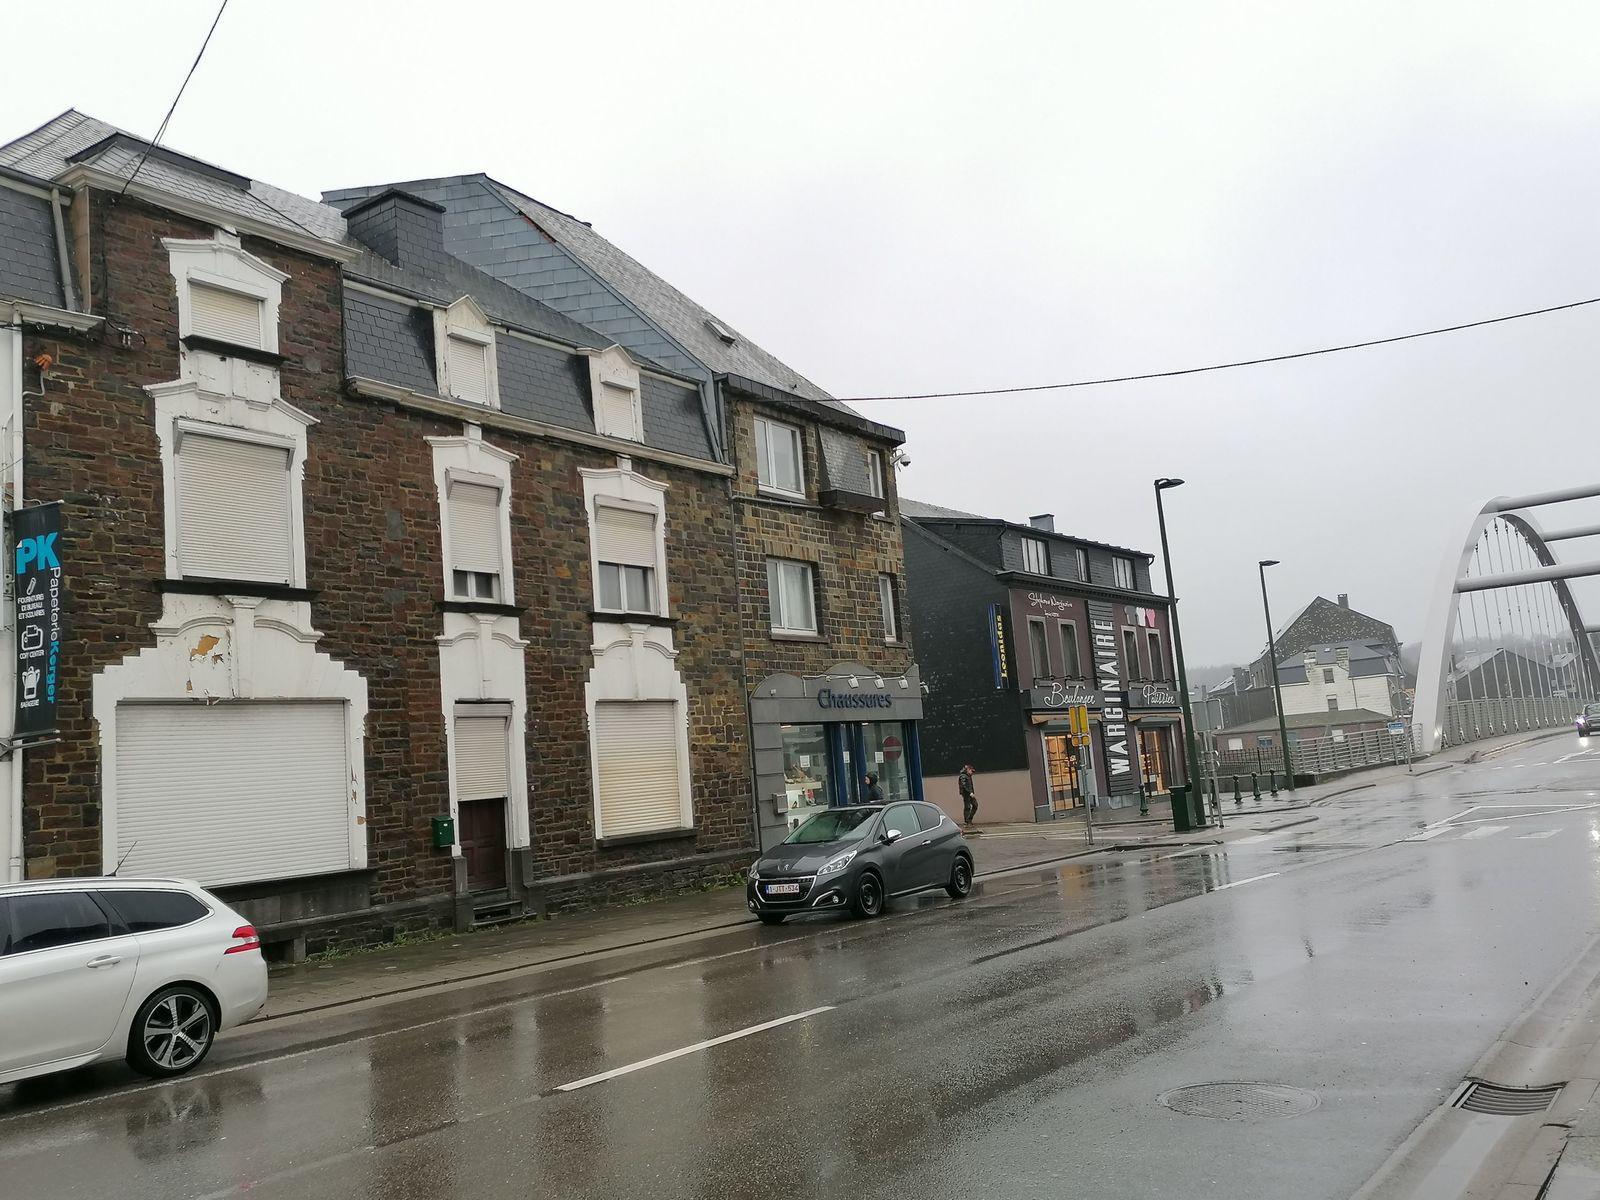 A gauche, la maison de Suzanne, volets fermés depuis janvier 2015. A droite, la boulangerie Warginaire où Clara s'est rendue pour acheter un pain le matin du meurtre. © Michel Bouffioux.